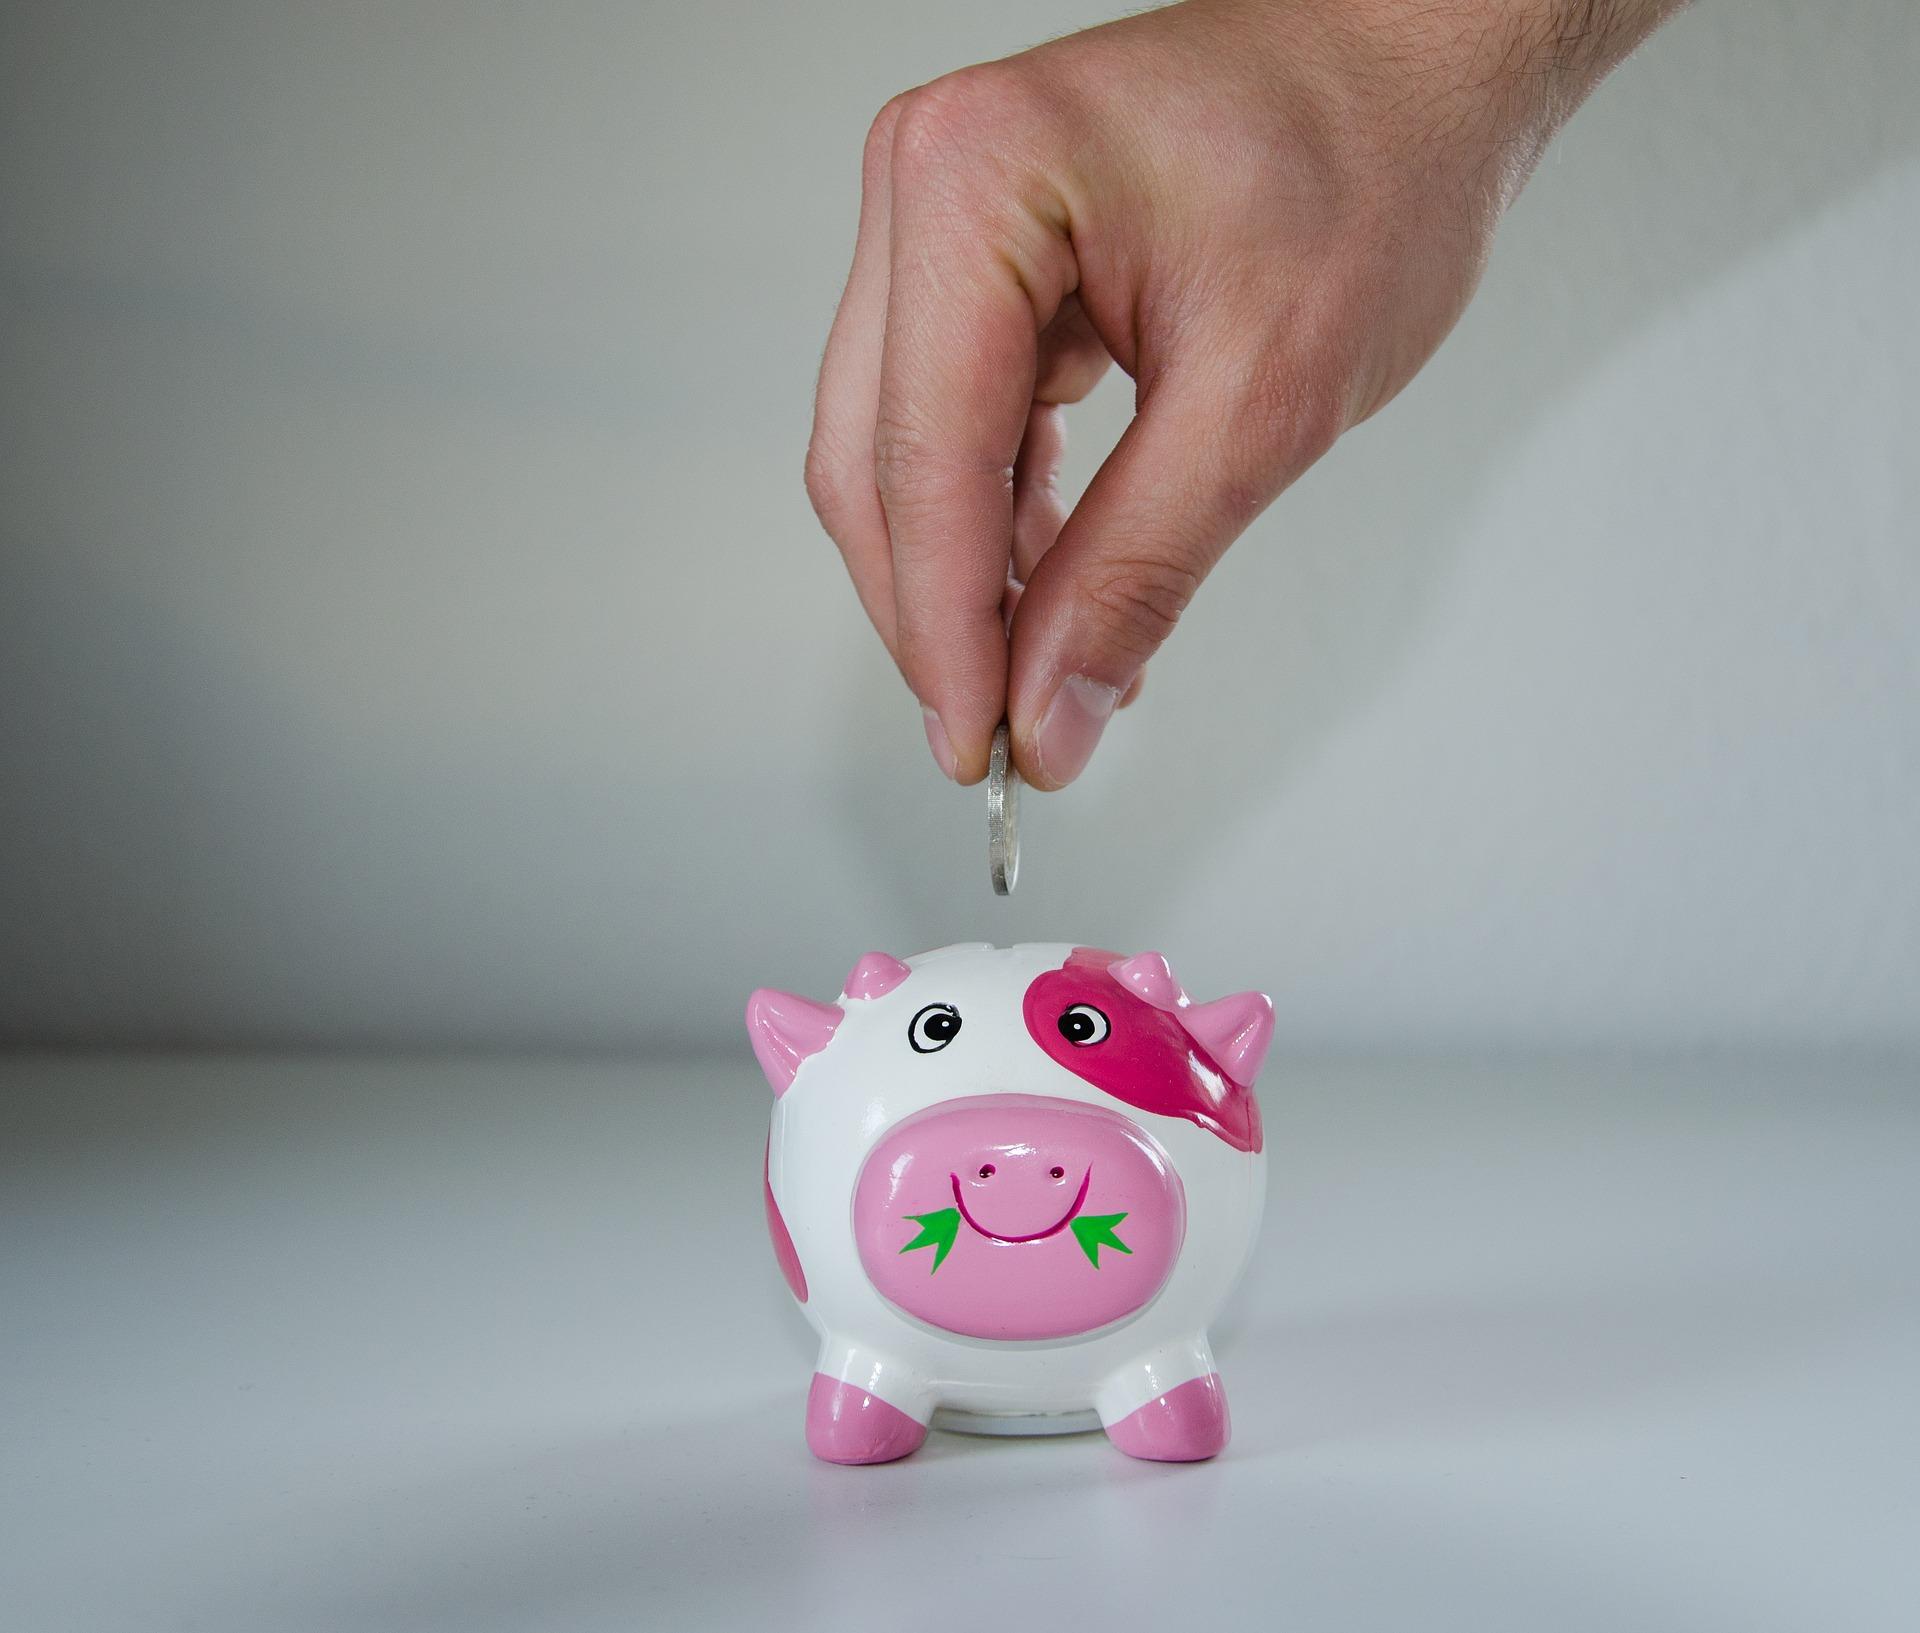 חיסכון פנסיה חובה